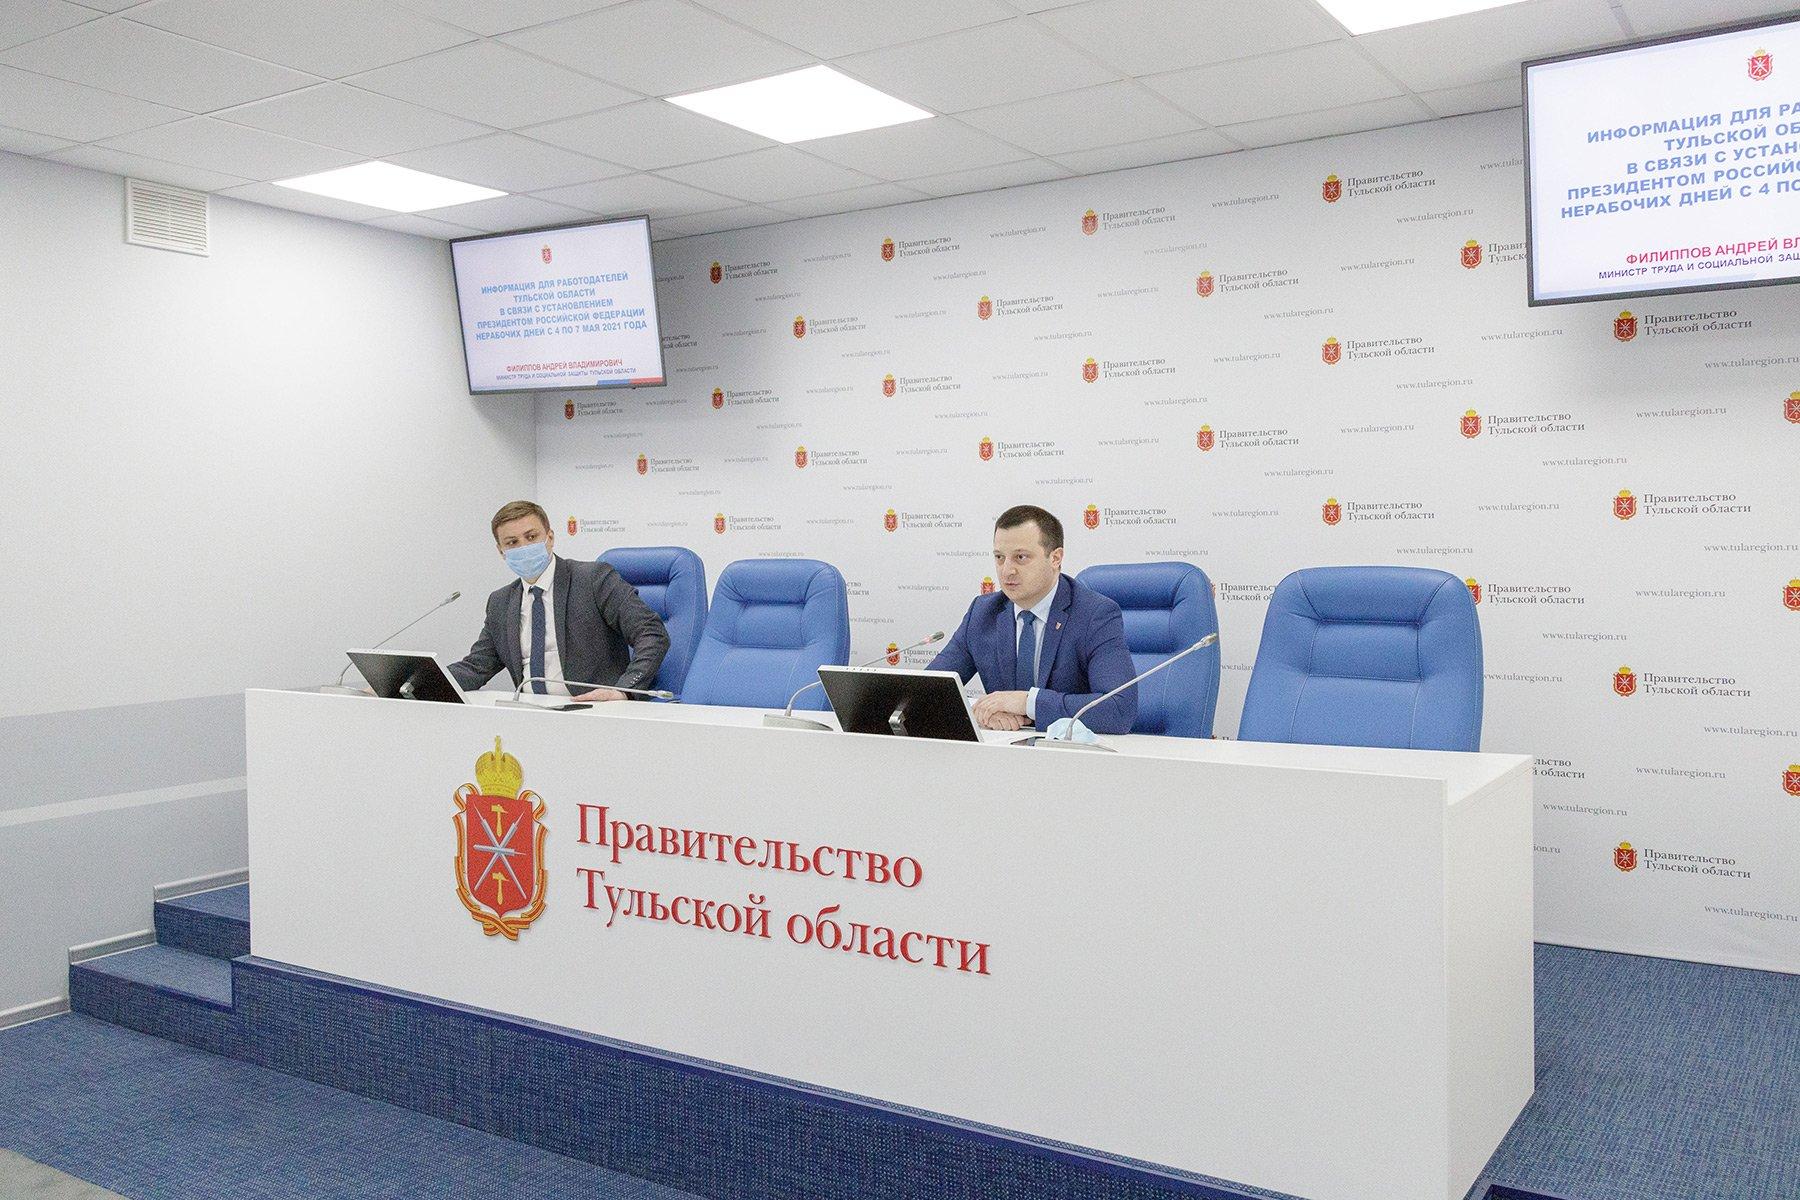 С 4 по 7 мая учреждения здравоохранения, ЖКХ и сферы услуг будут работать в обычном режиме